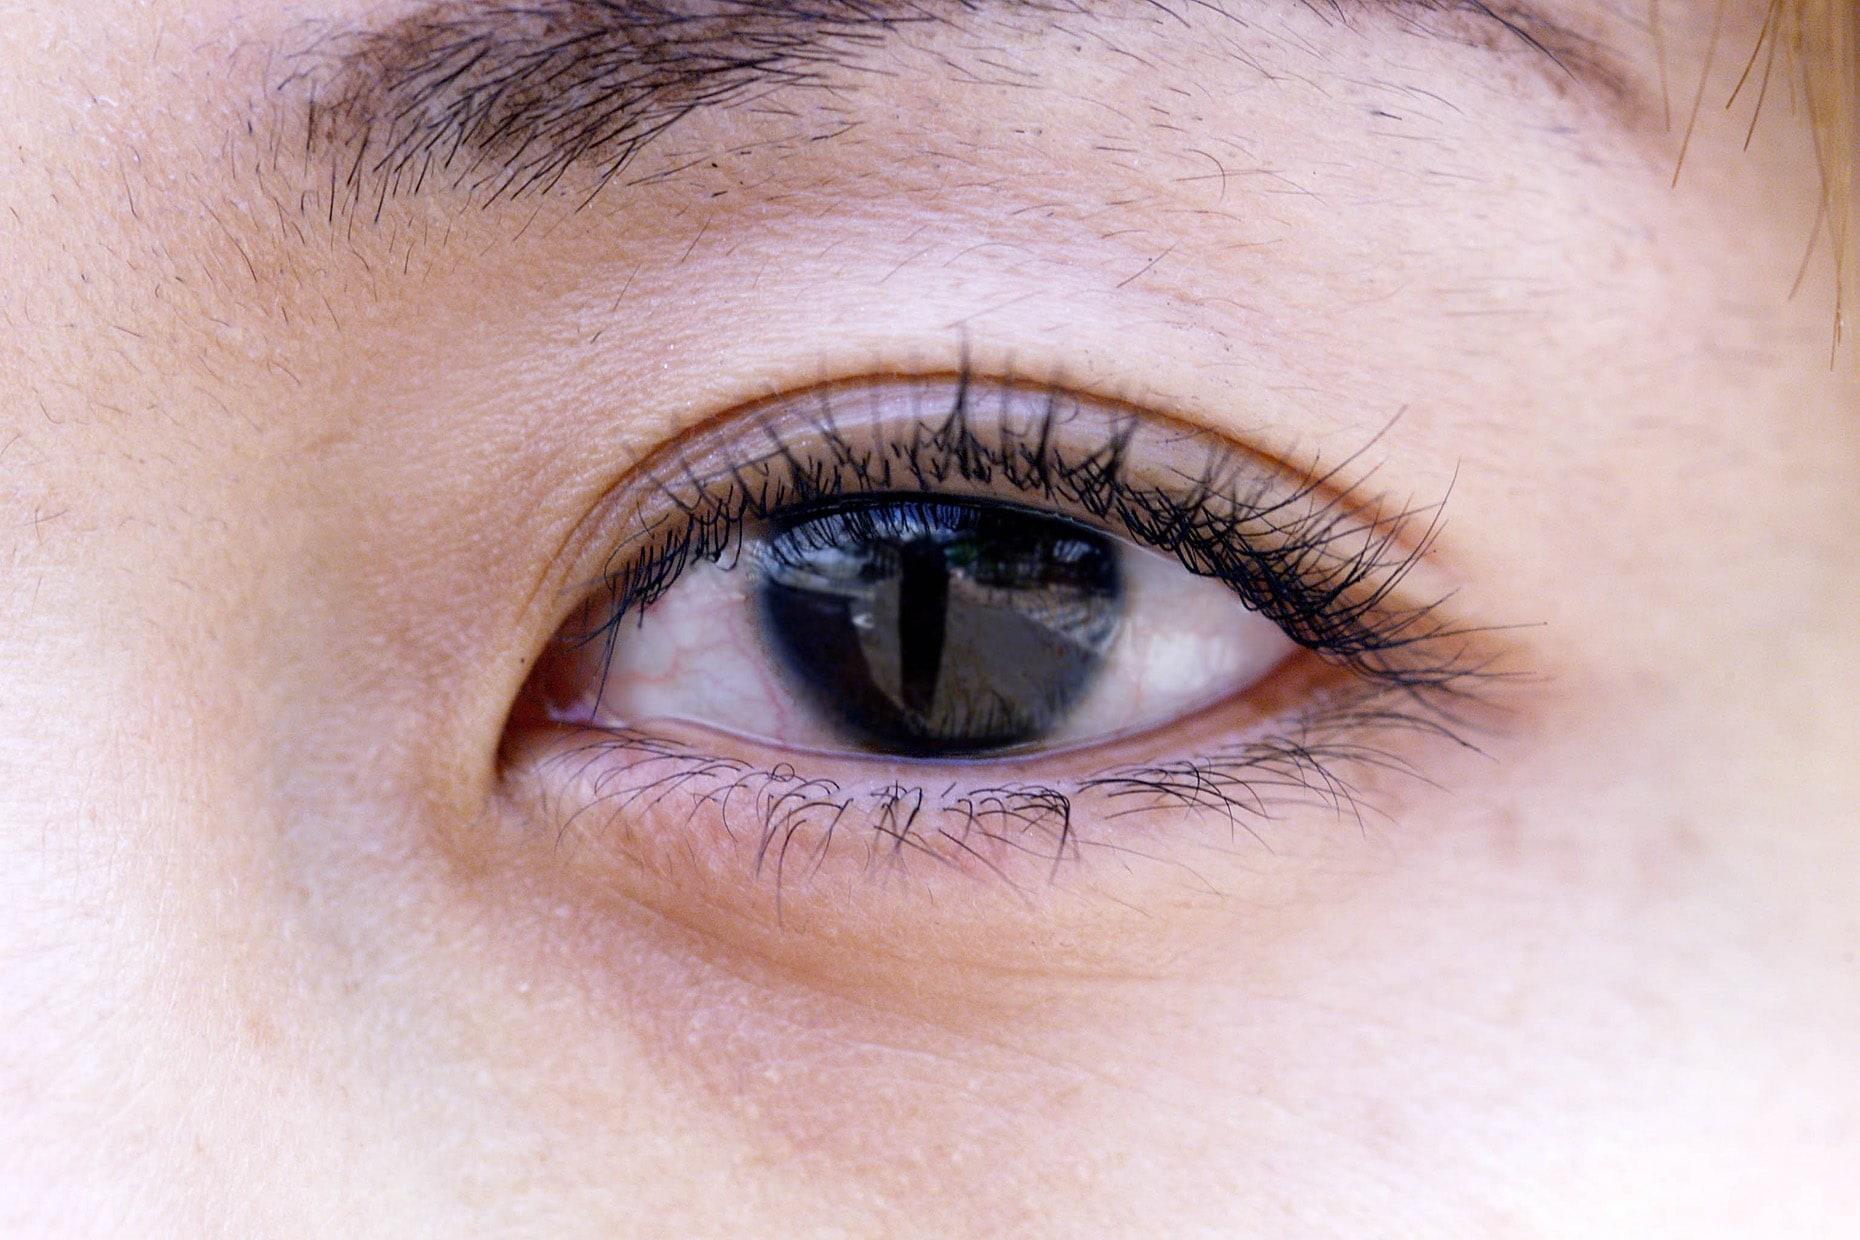 花粉症の目の症状と対策法